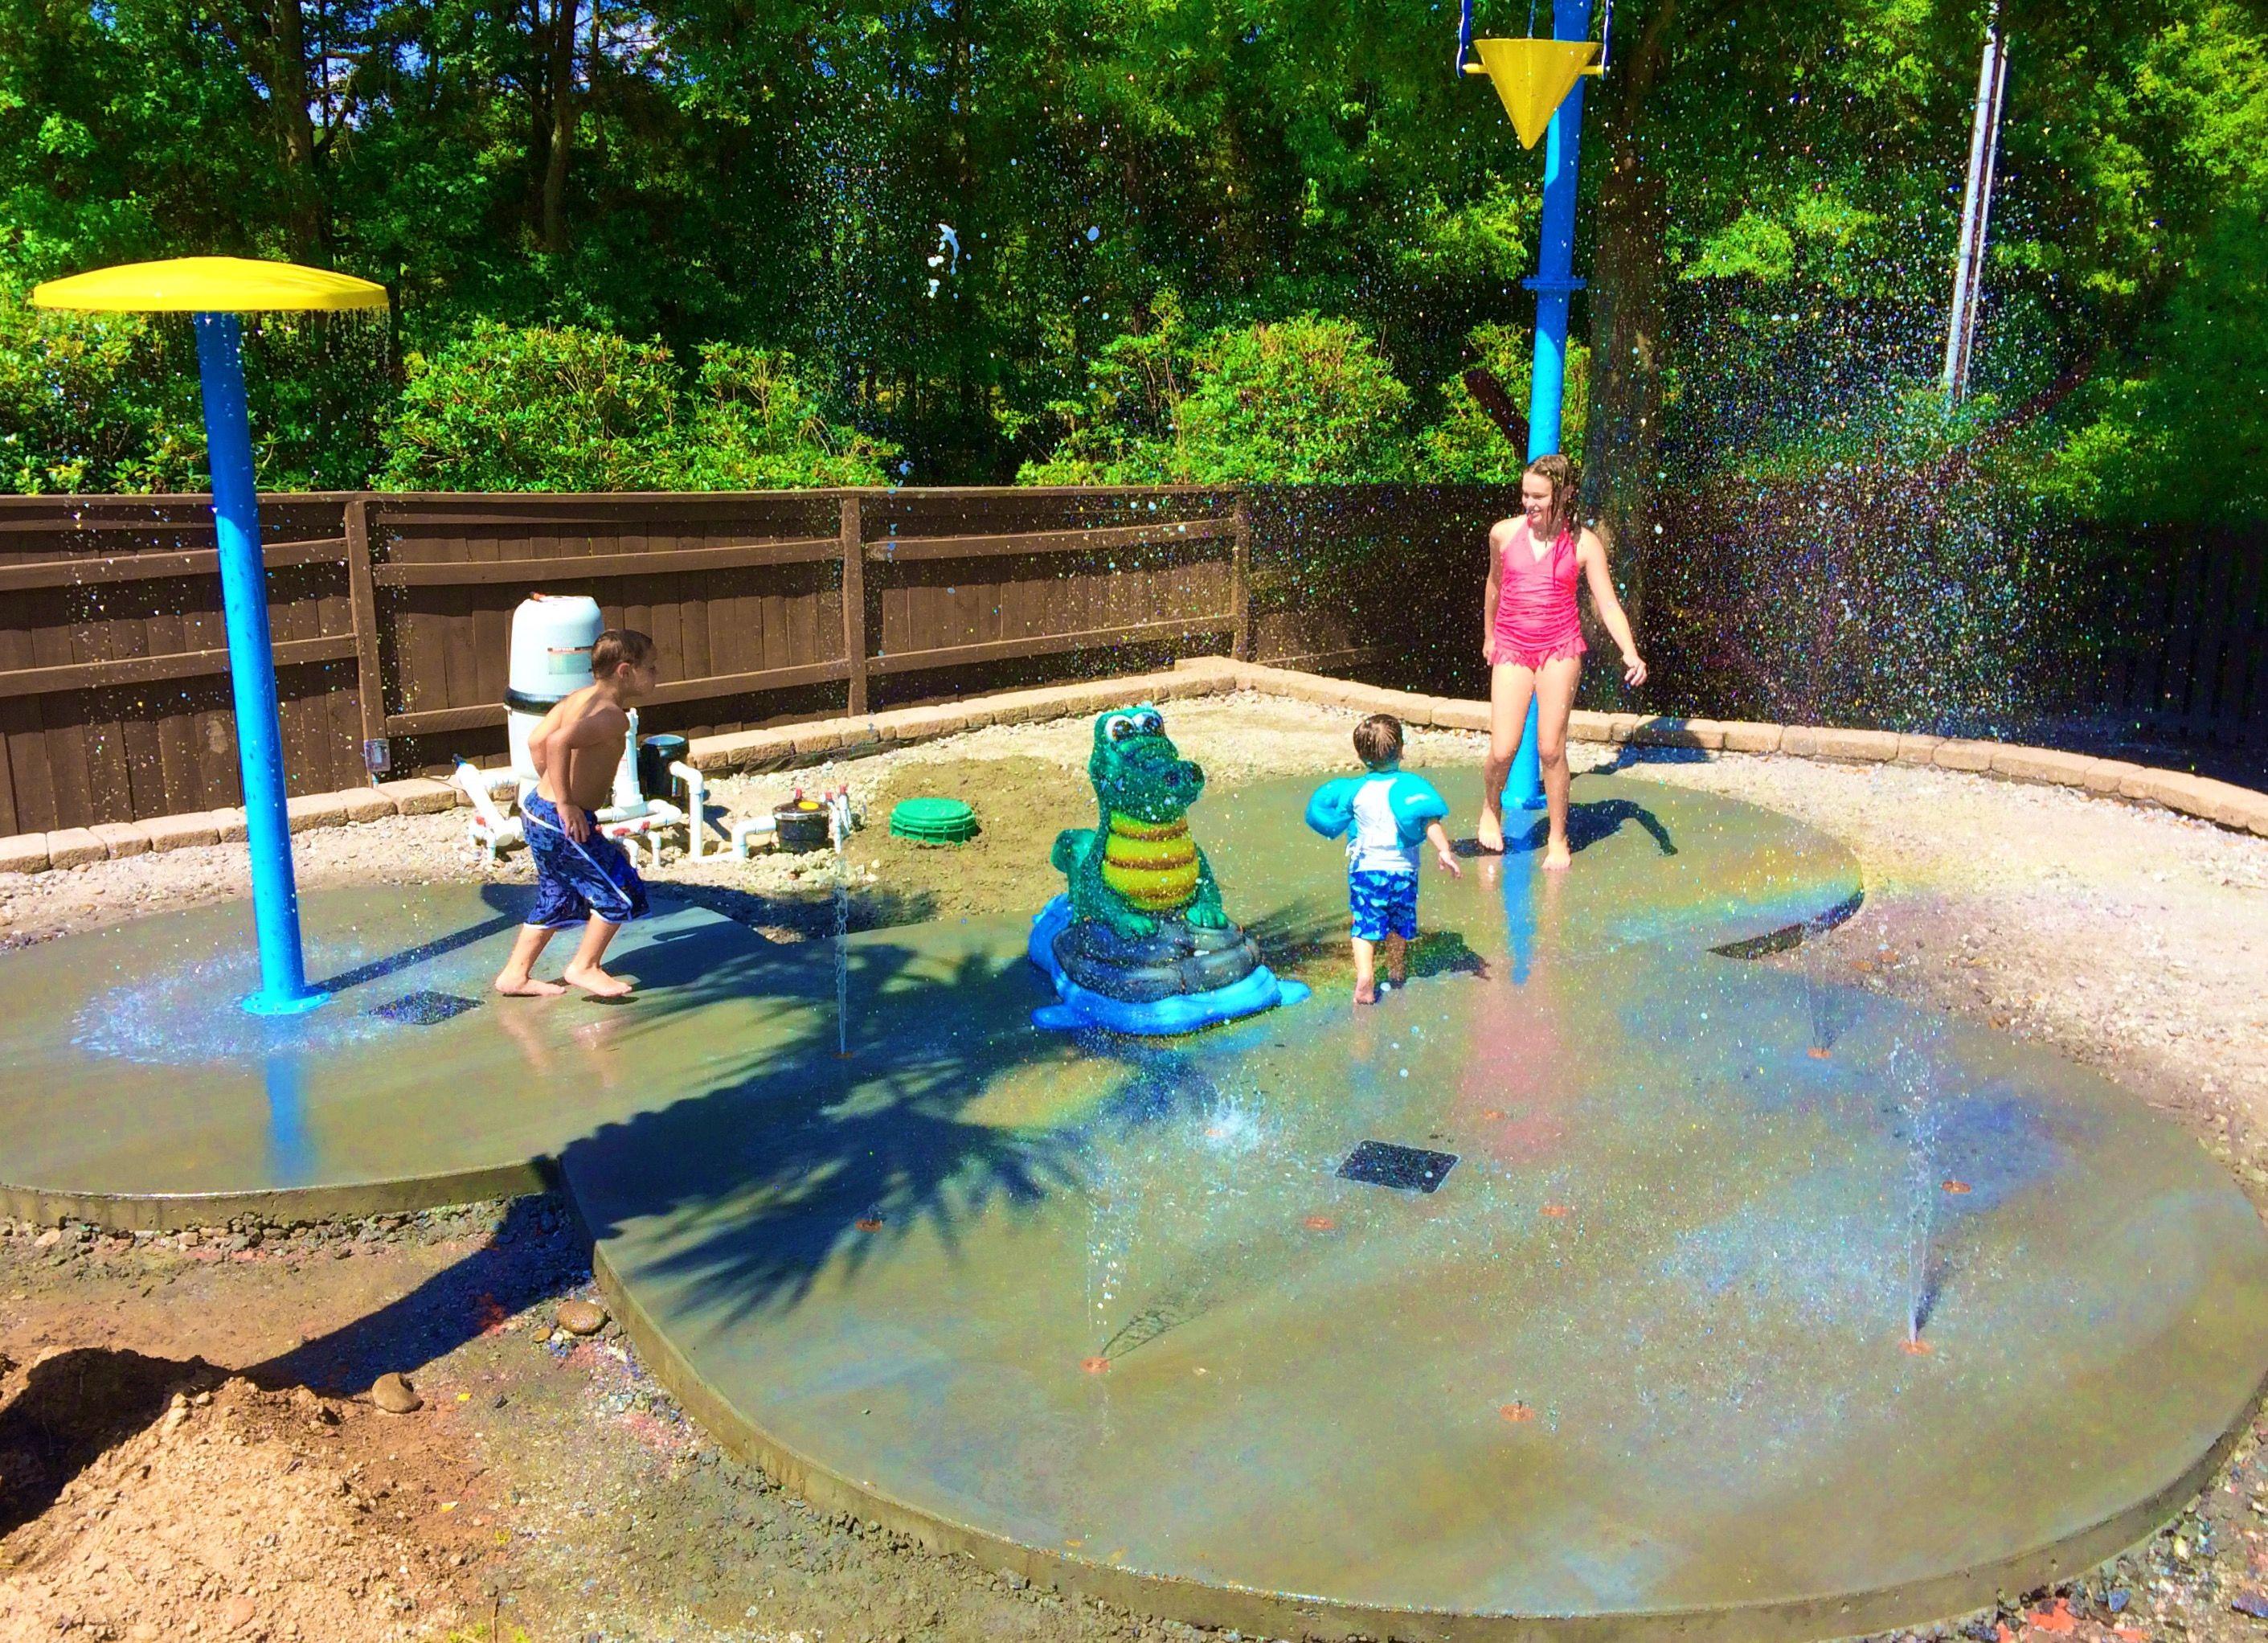 Splash Pad Installation, Kits & Water Playground Equipment ...